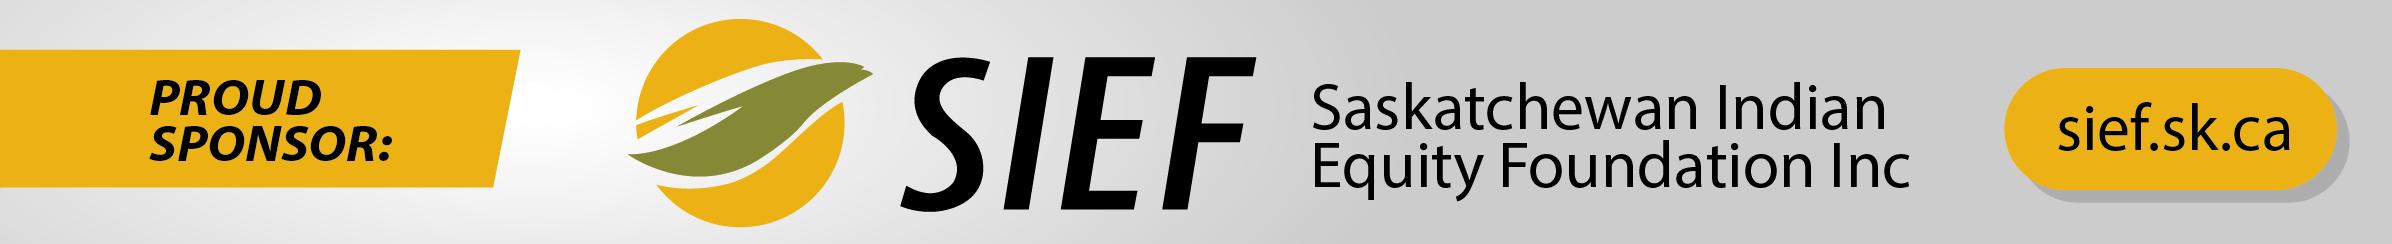 sief BUTTON-01-01